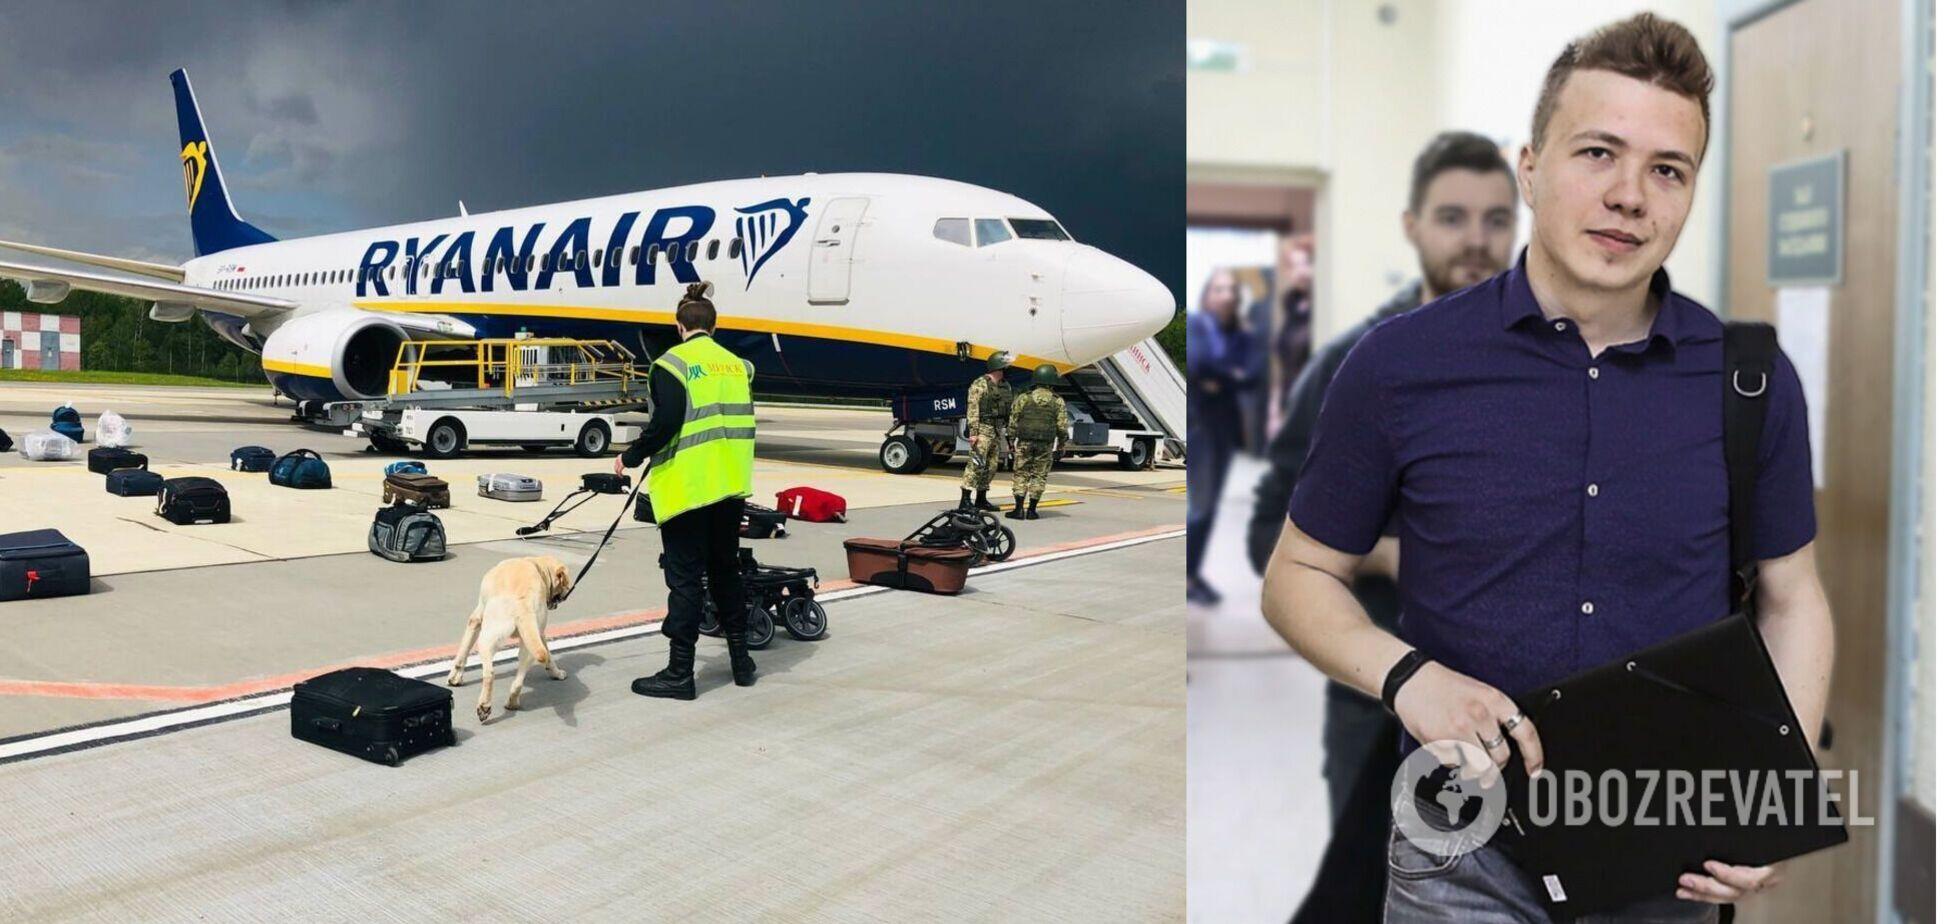 Посадка Ryanair и задержание Протасевича в Минске